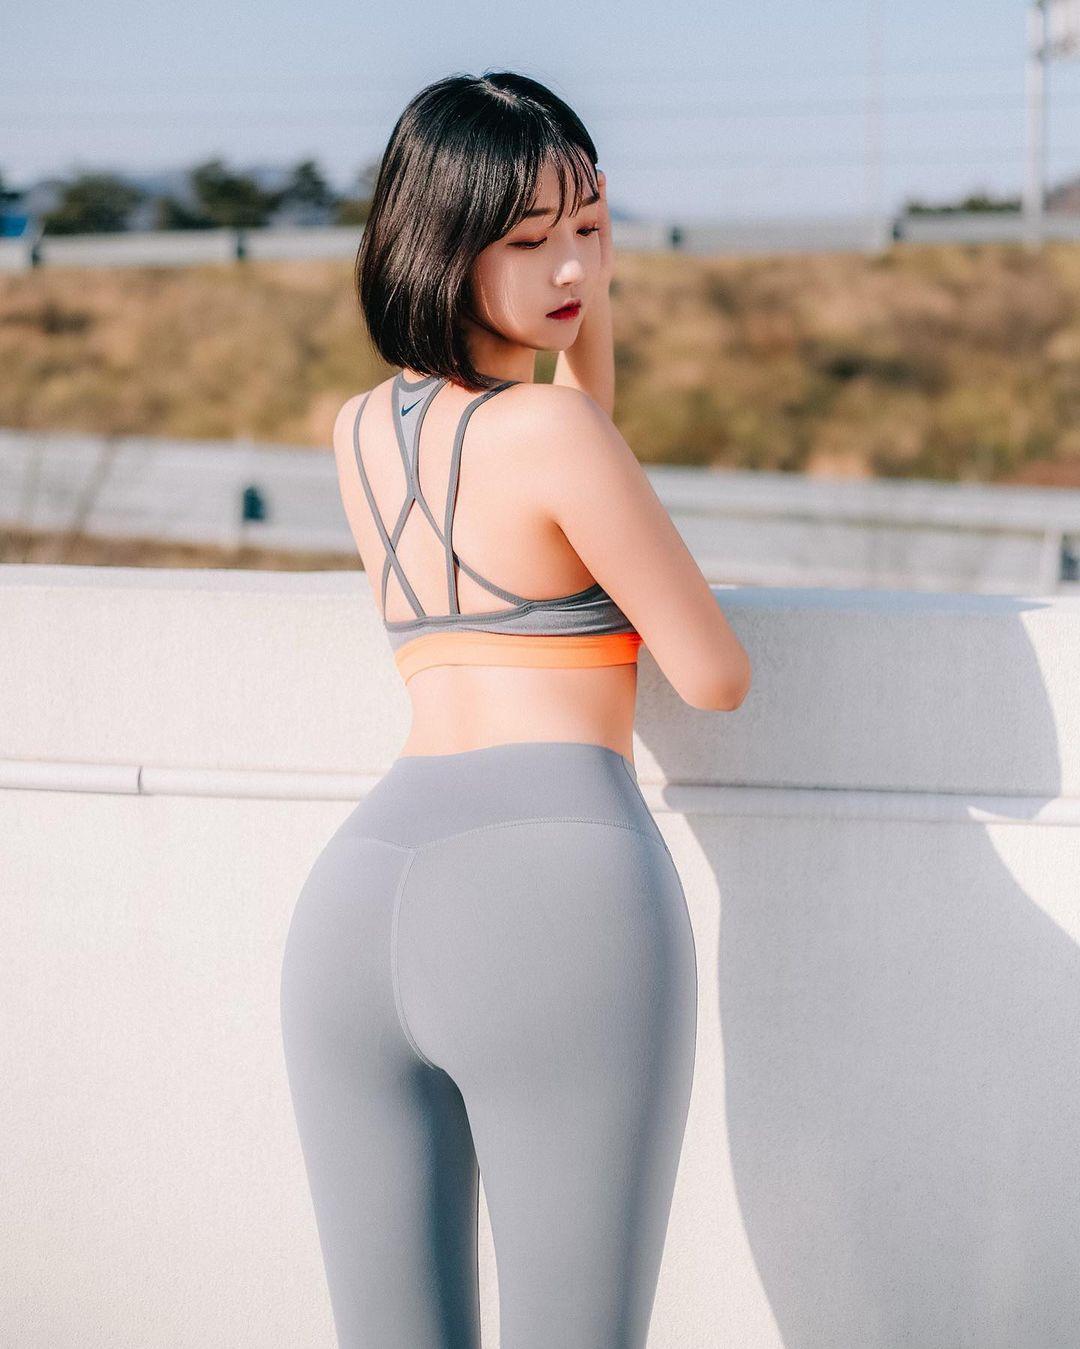 韩国极品模特推荐「Rumi」健身小只马连锁模特儿插图2